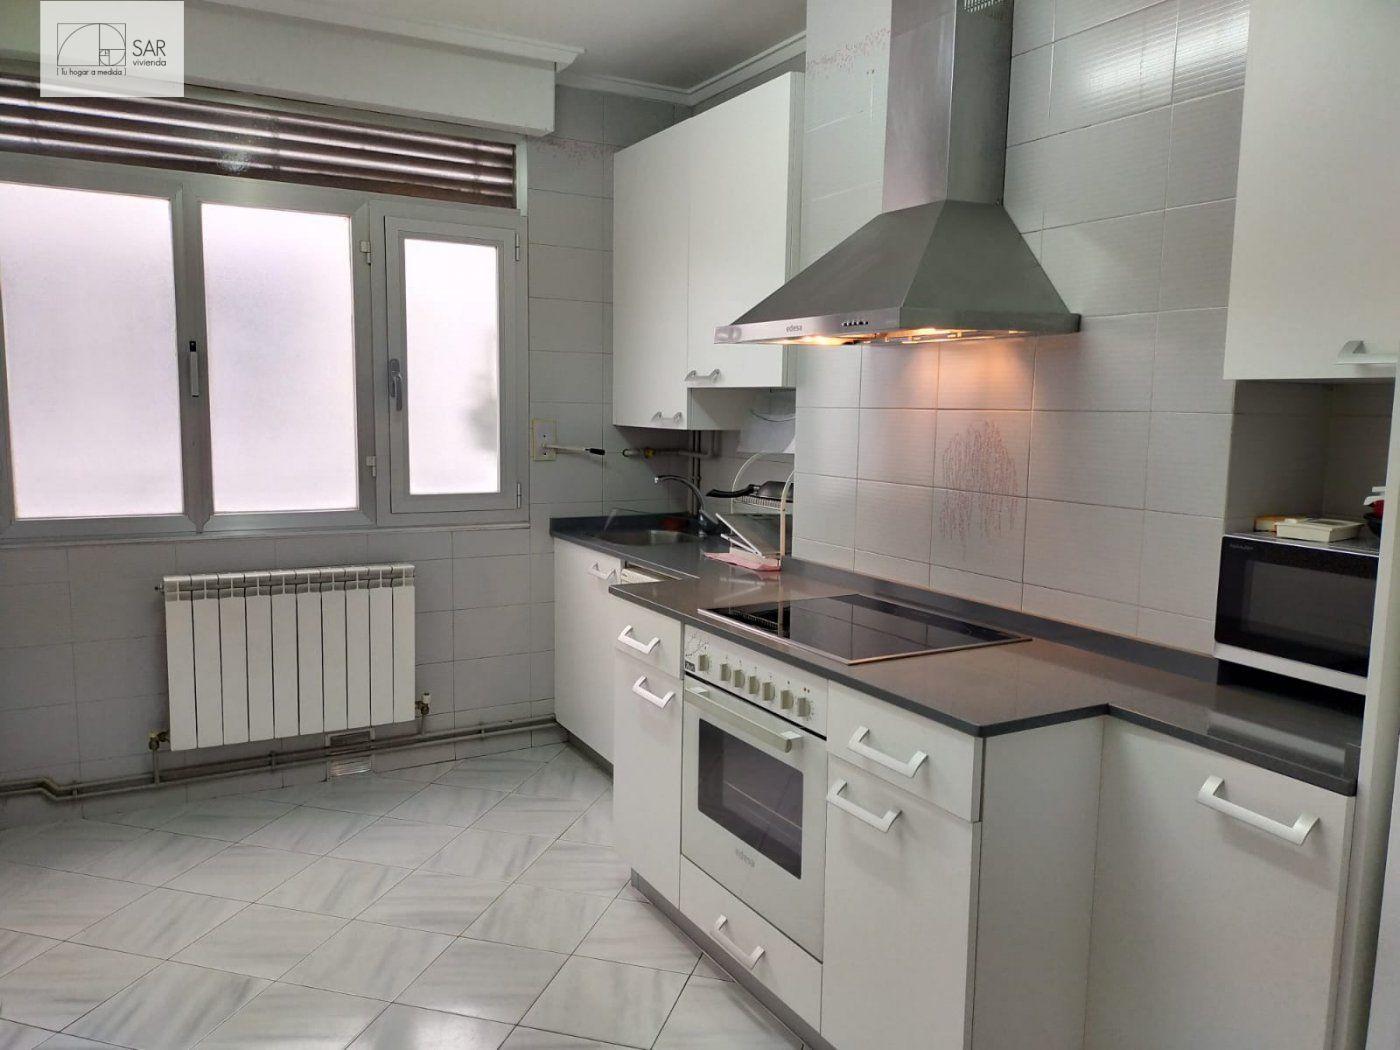 Apartamento, Centro, Alquiler/Asignación - Álava (Álava)